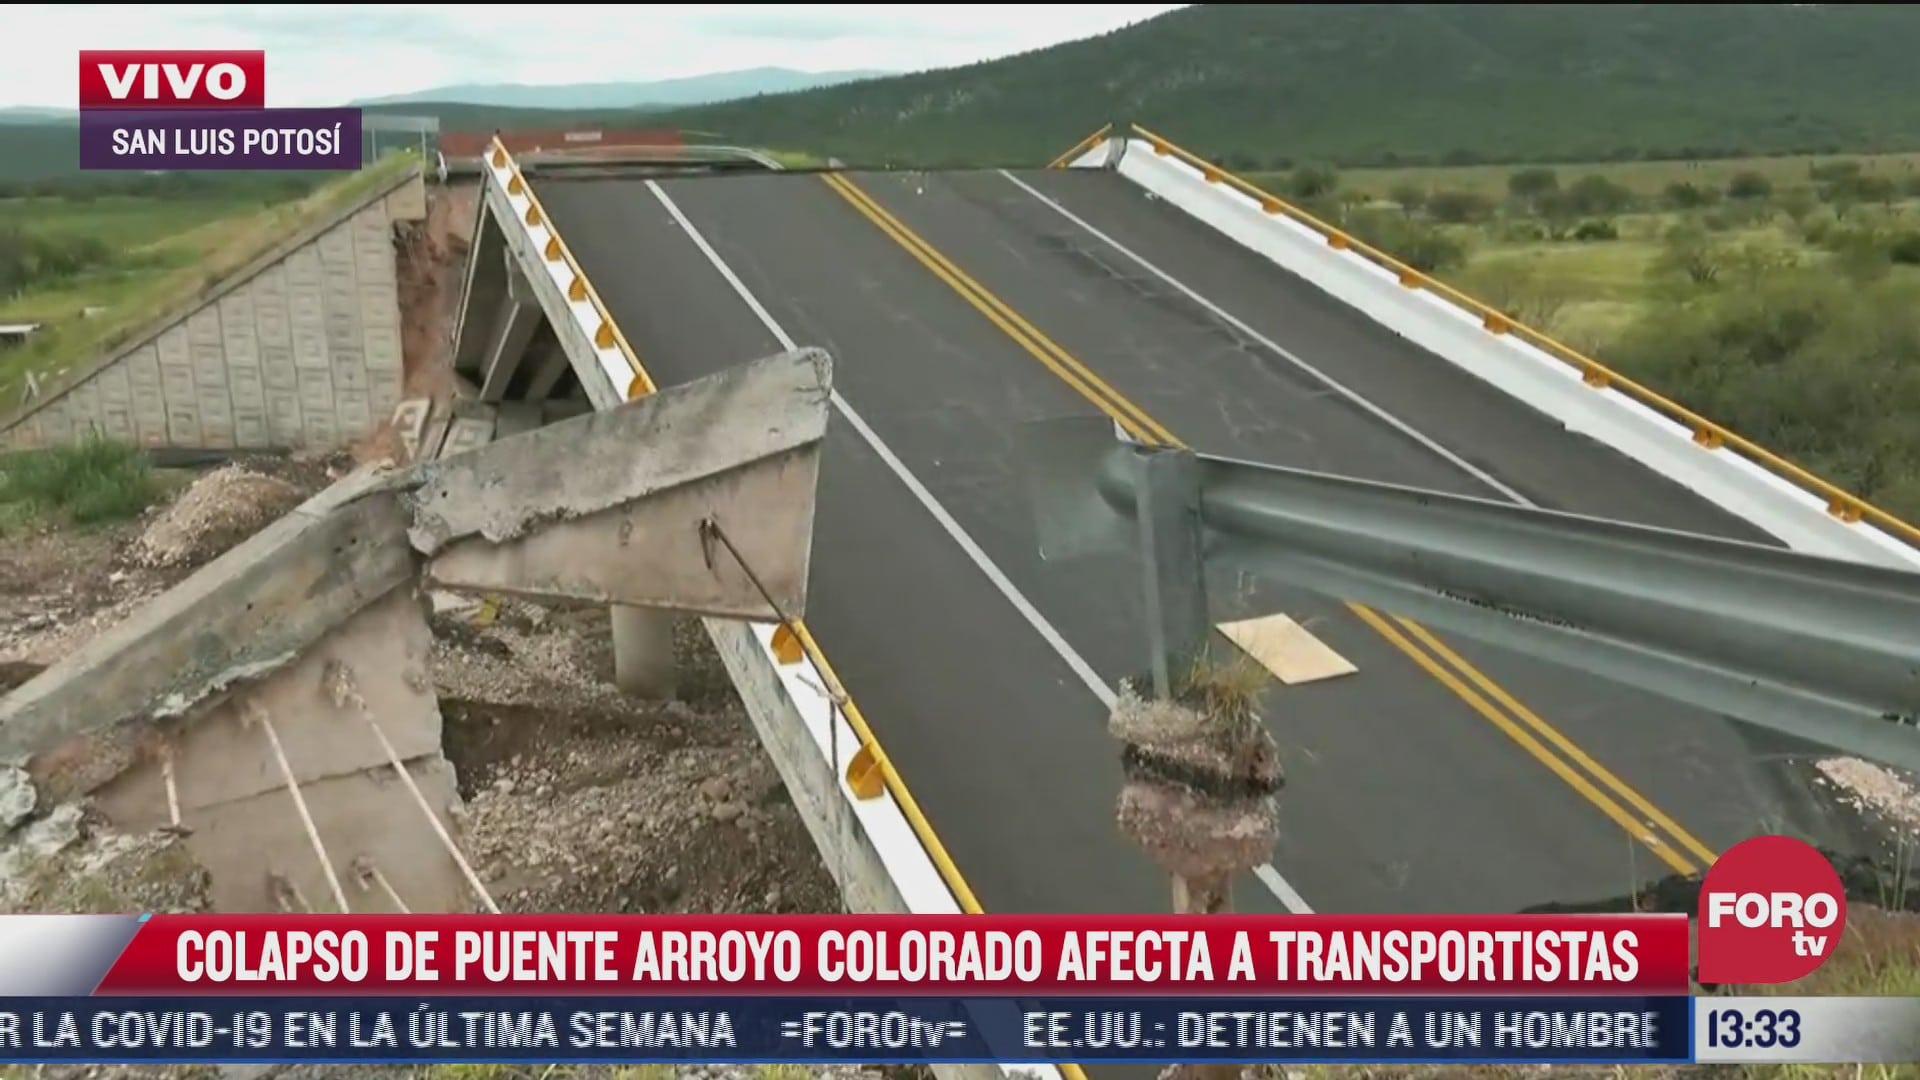 colapso de puente arroyo en slp afecta a transportistas